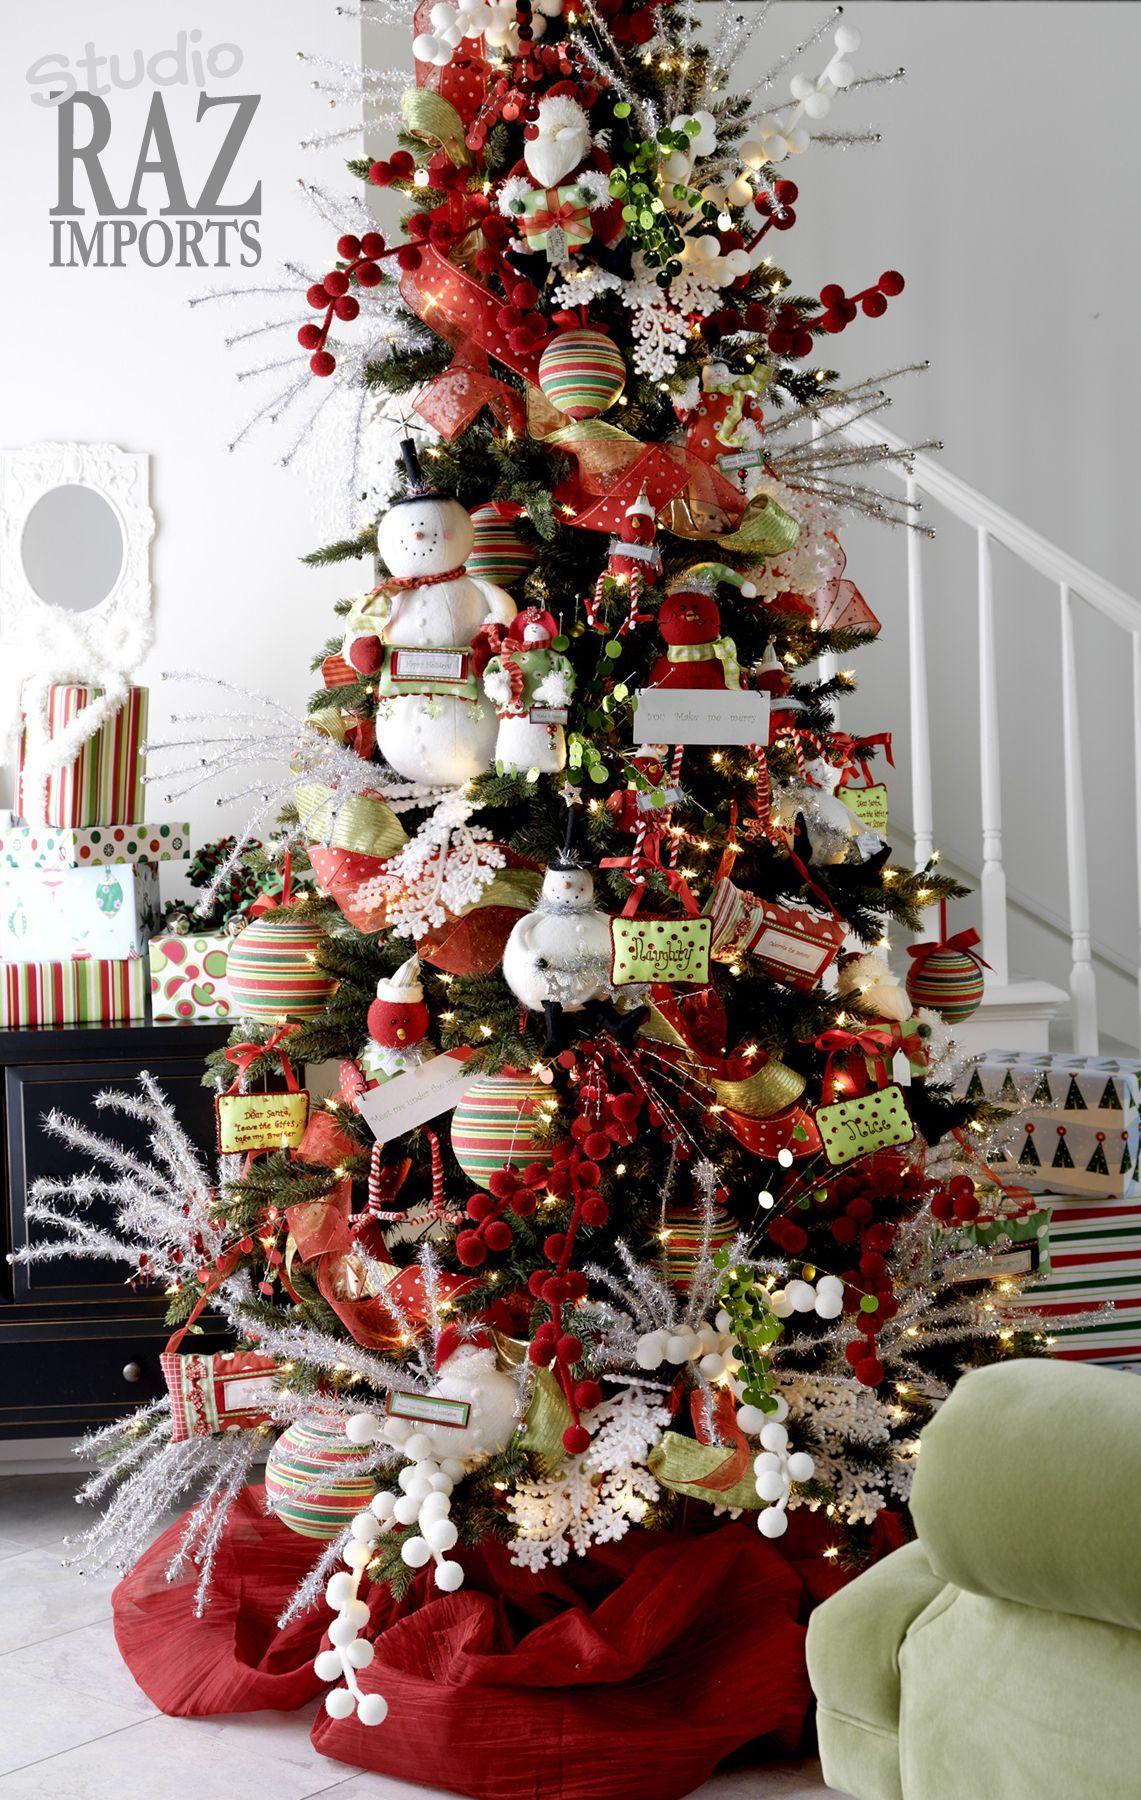 Rbol de navidad 60 ideas preciosas para decorar pinos - Arboles de navidad decorados 2013 ...